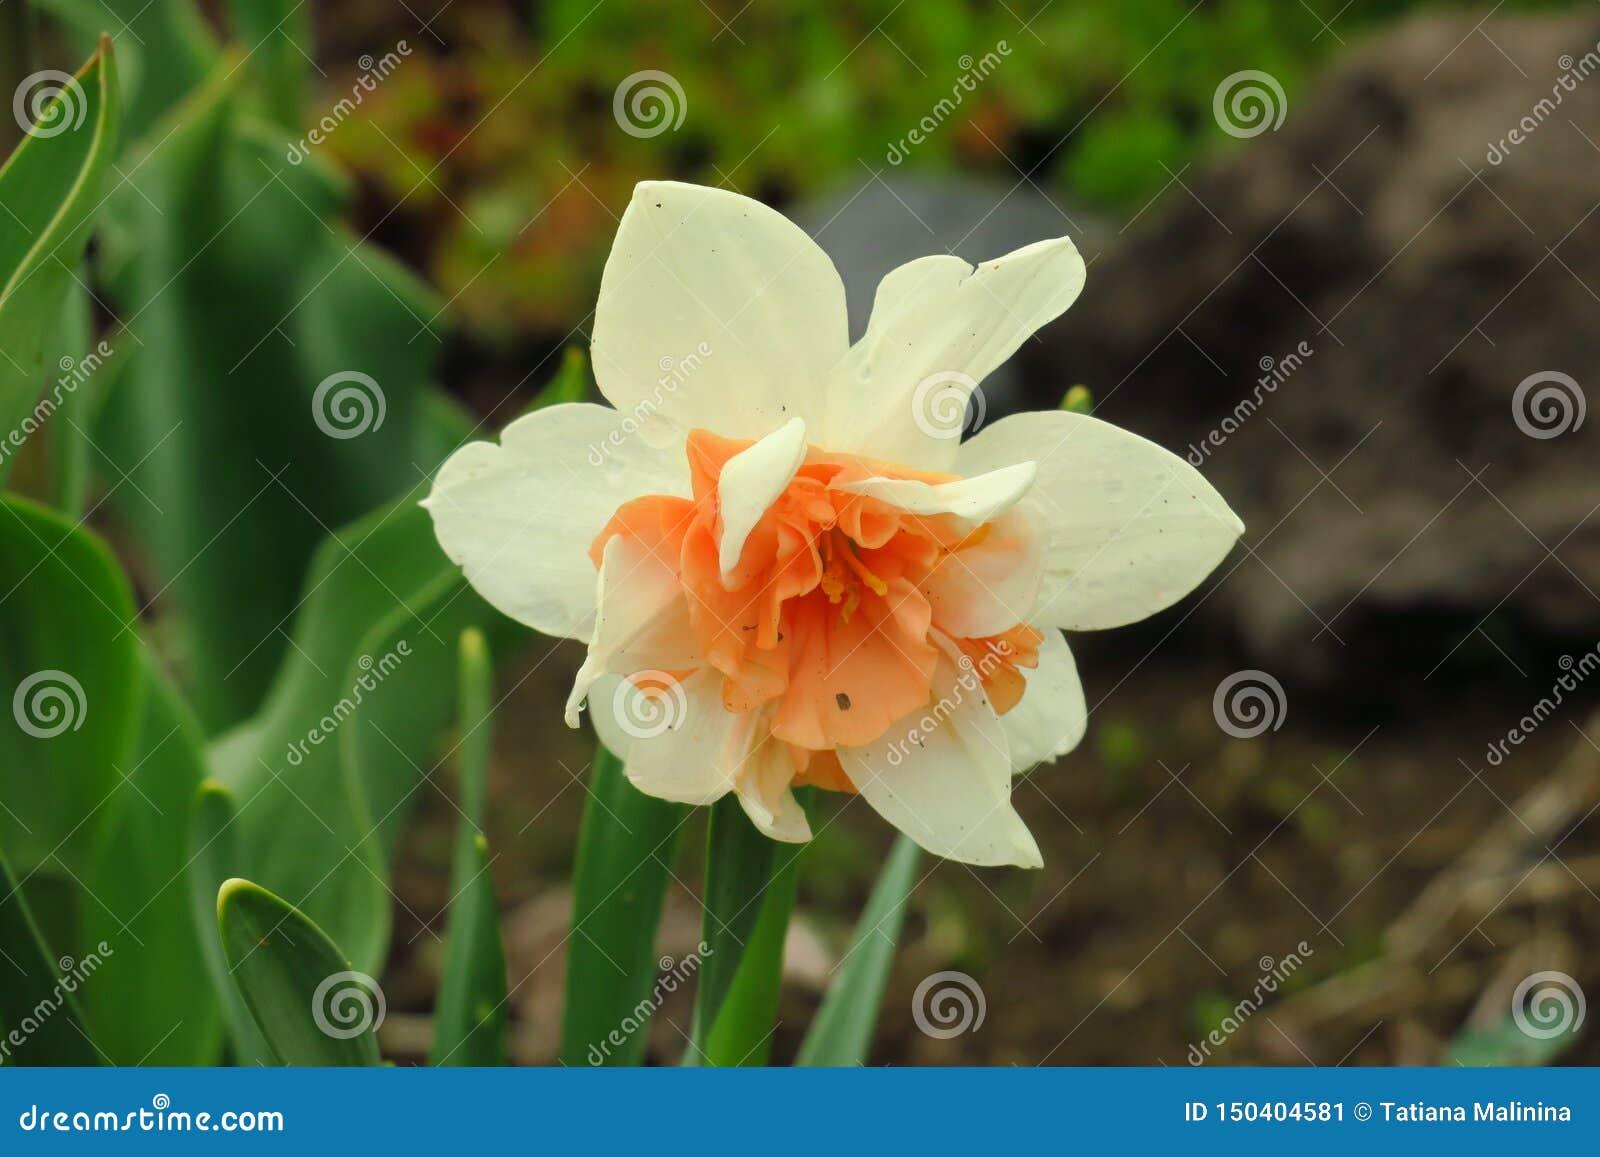 Foto del narciso dei fiori bianchi Narciso del narciso del fondo con i germogli e le foglie verdi gialli Fiore della sorgente